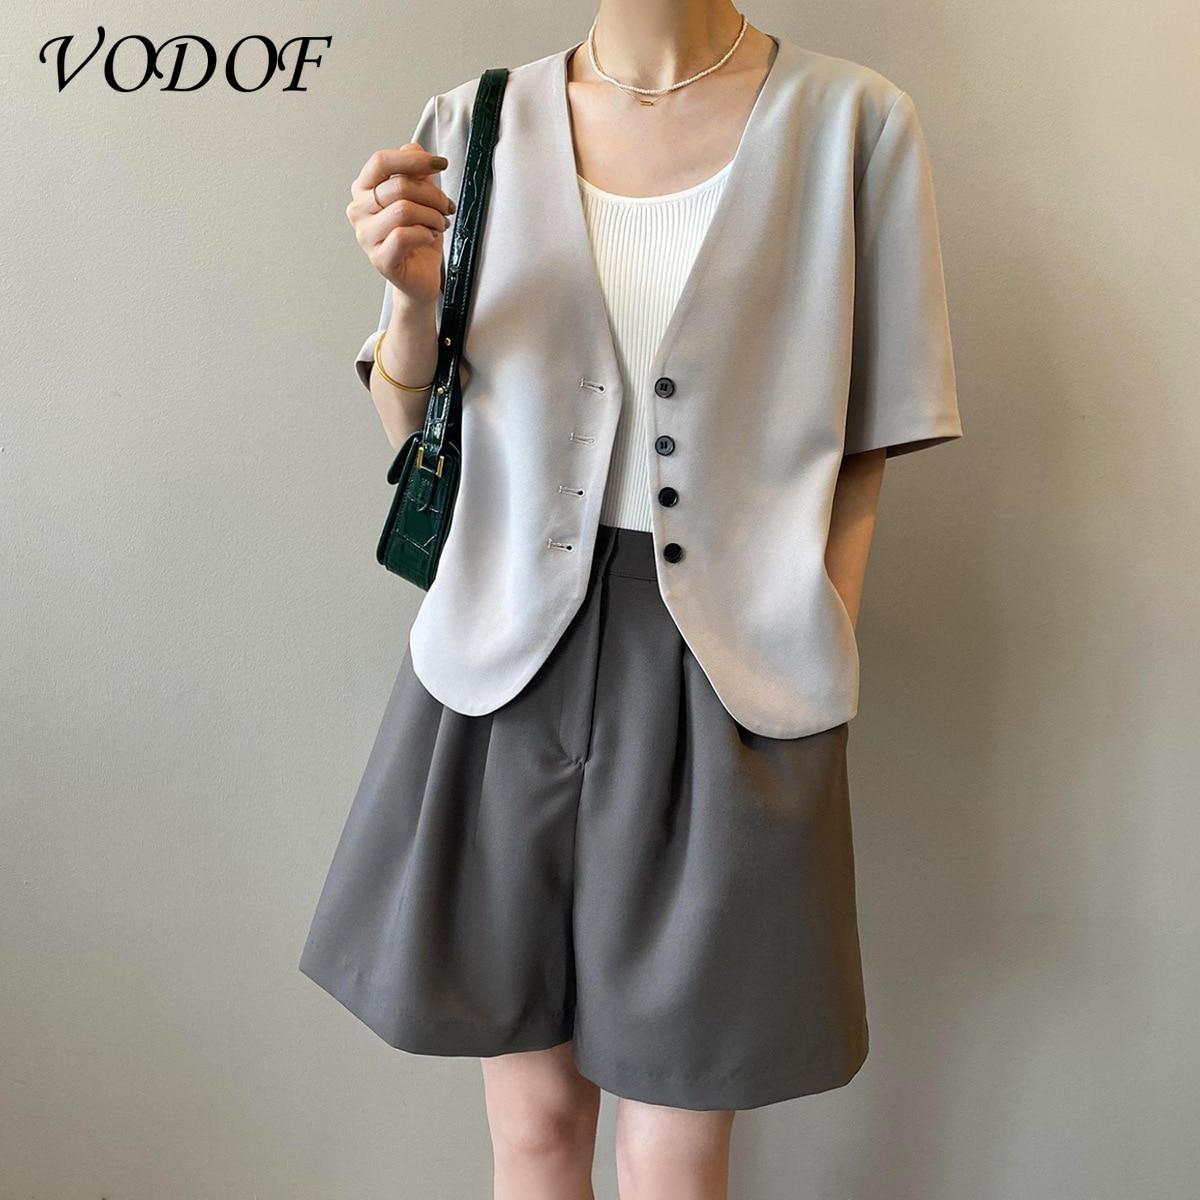 Женская футболка VODOF, женская уличная одежда, стильная модная одежда, топы, костюмы, футболки